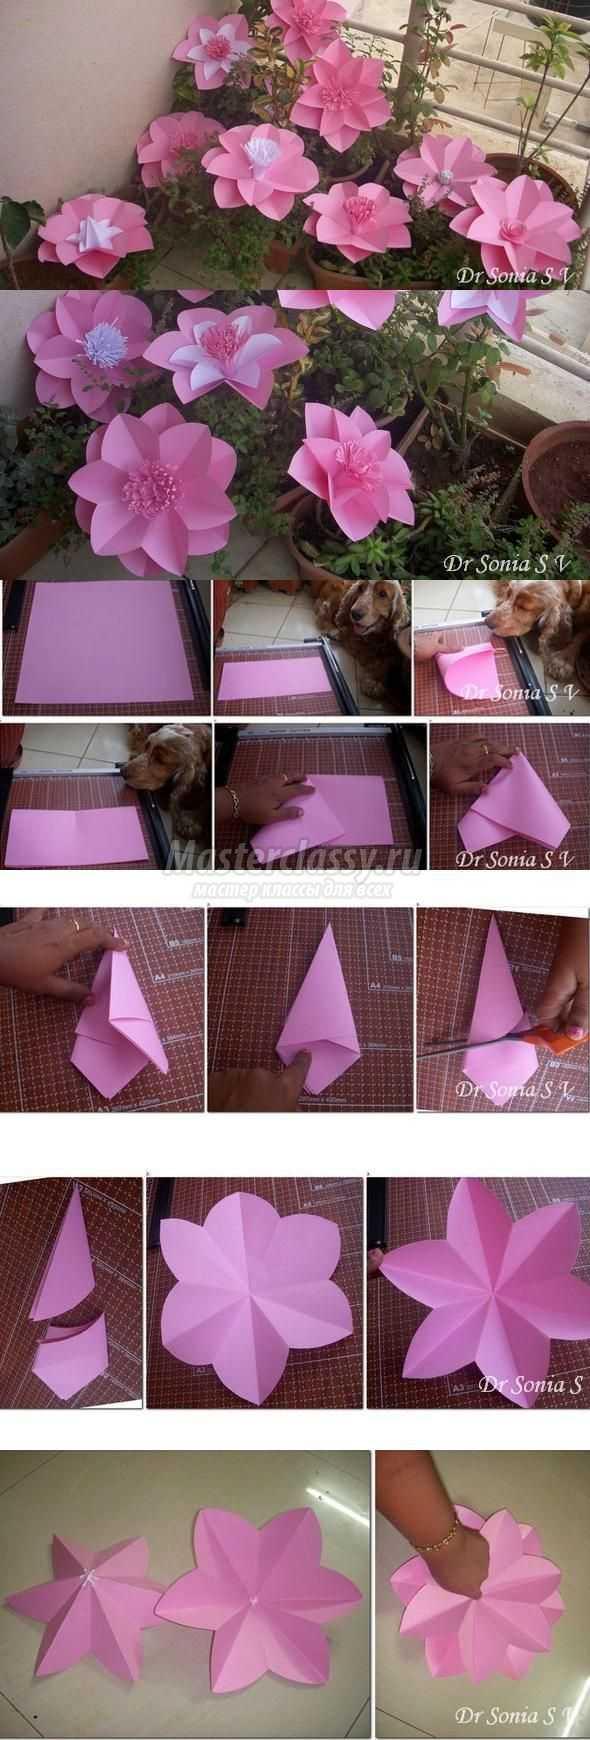 Декор из бумаги на все случаи жизни